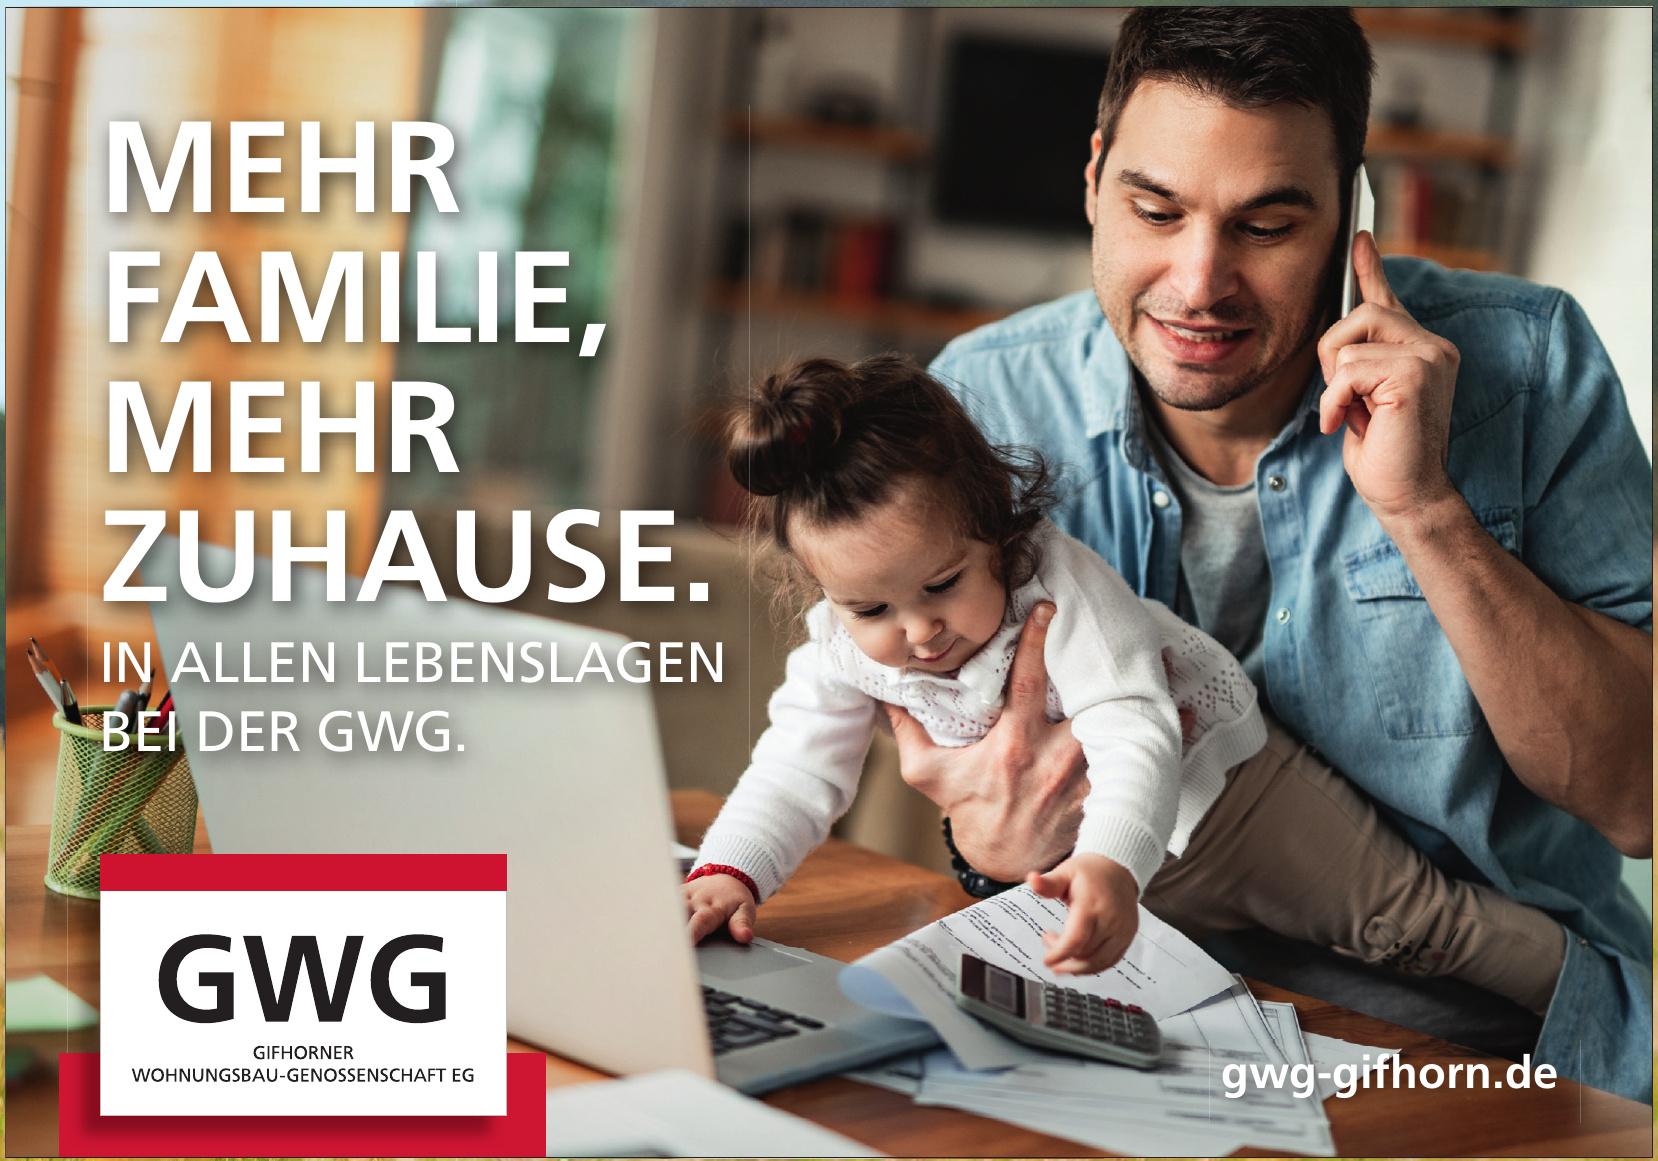 GWG Gifhorner Wohnungsbau-Genossenschaft eG